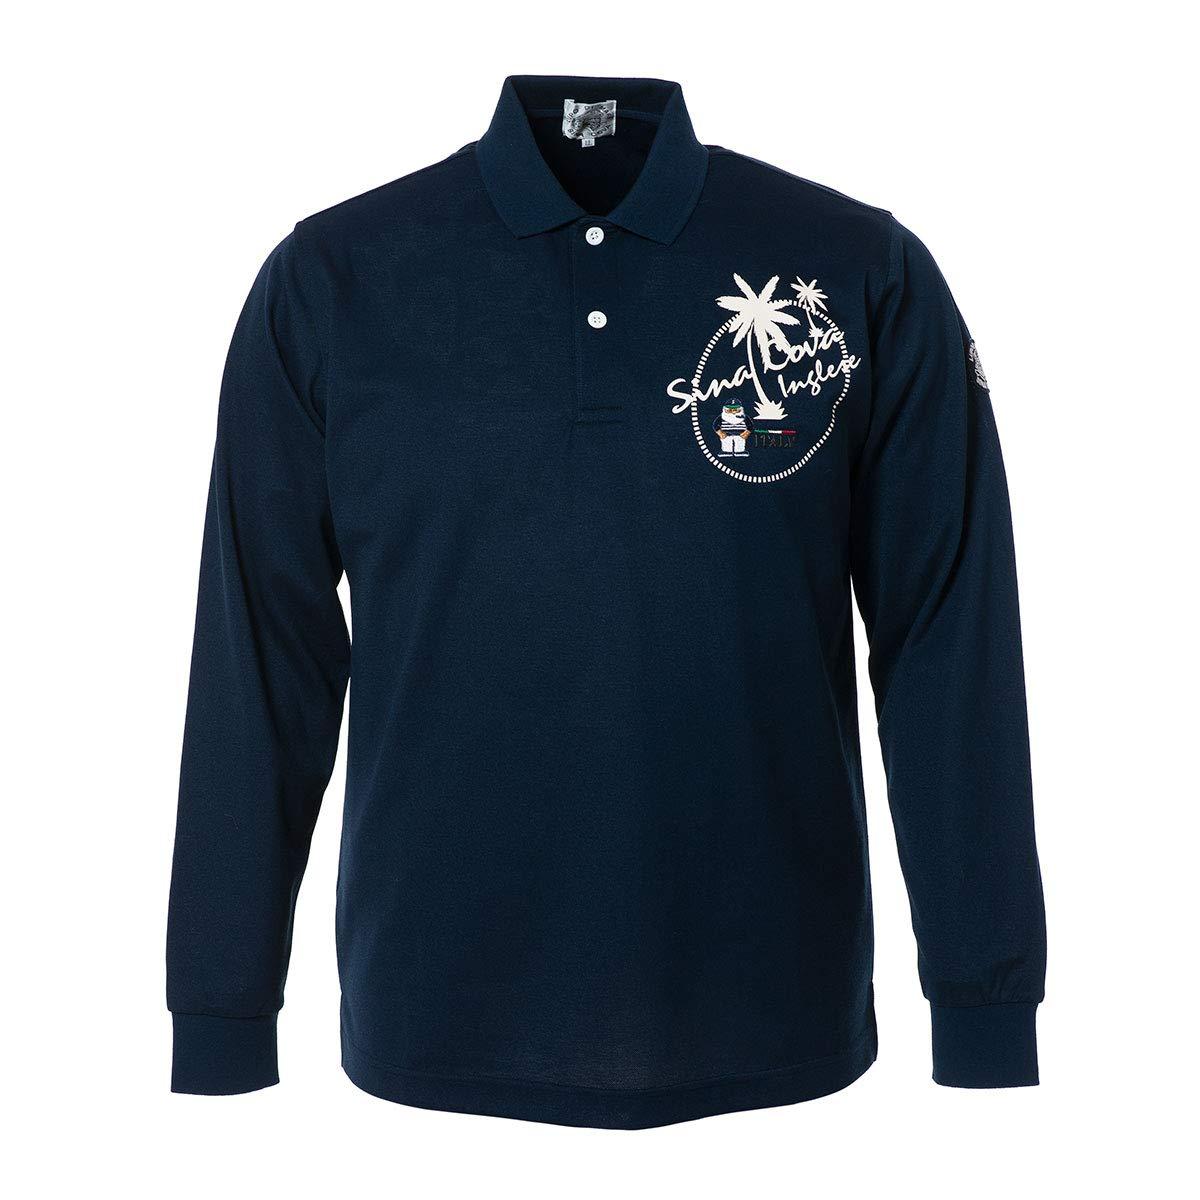 (シナコバ) SINA COVA 長袖ポロシャツ スポーツポロシャツ ポロシャツ カットソー 綿×ポリエステル スペースマスター 吸汗速乾 UVカット メンズ マリンウェア ゴルフウェア 19150020 LL ネイビー B07P5BWV5Q